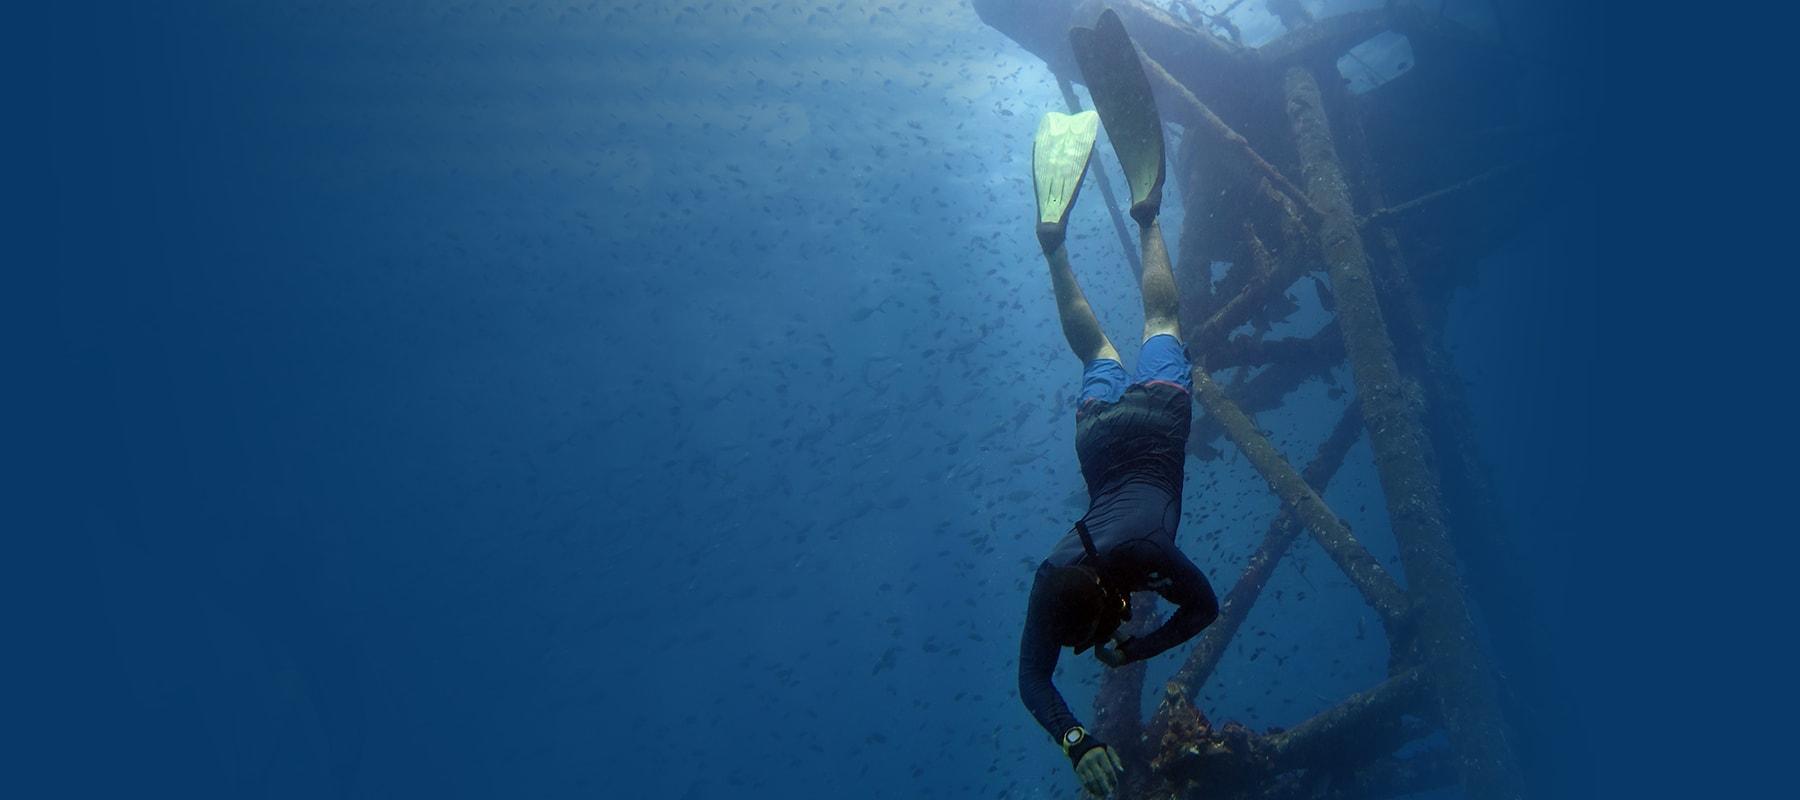 freediver-08